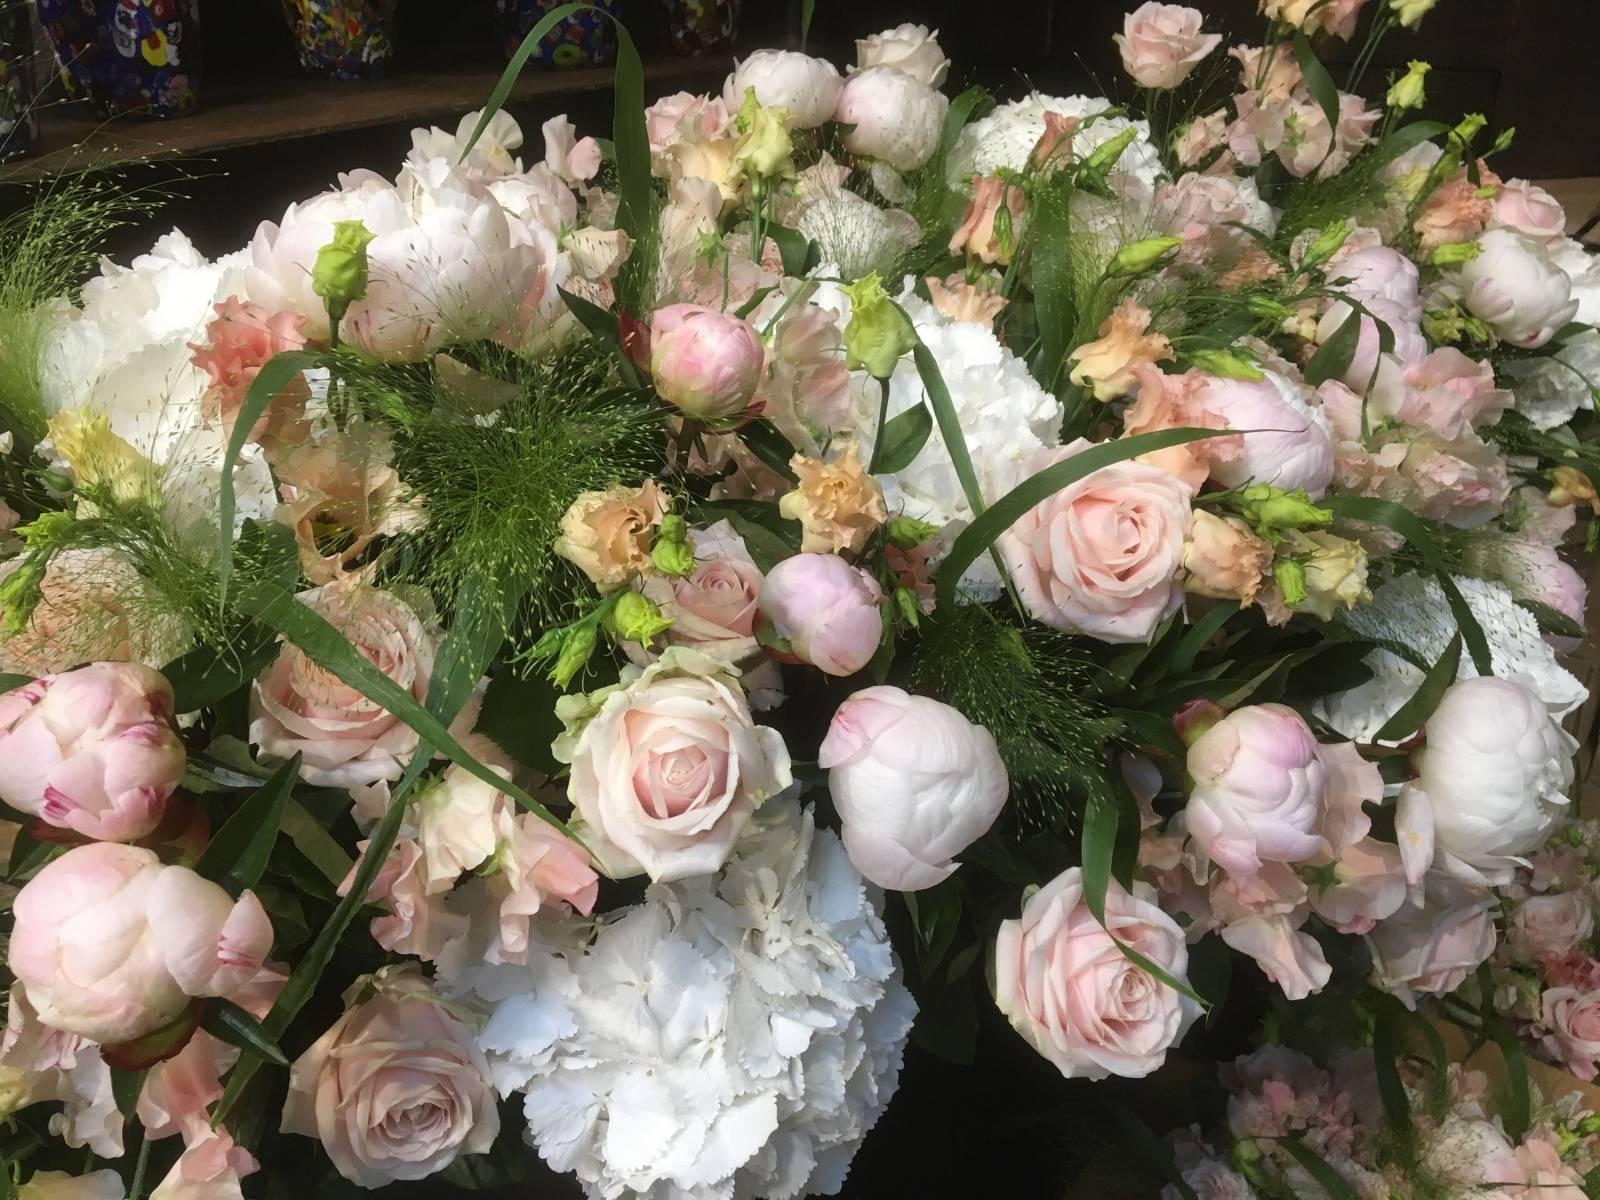 Young Amadeus - Bloemen - House of Weddings - 18